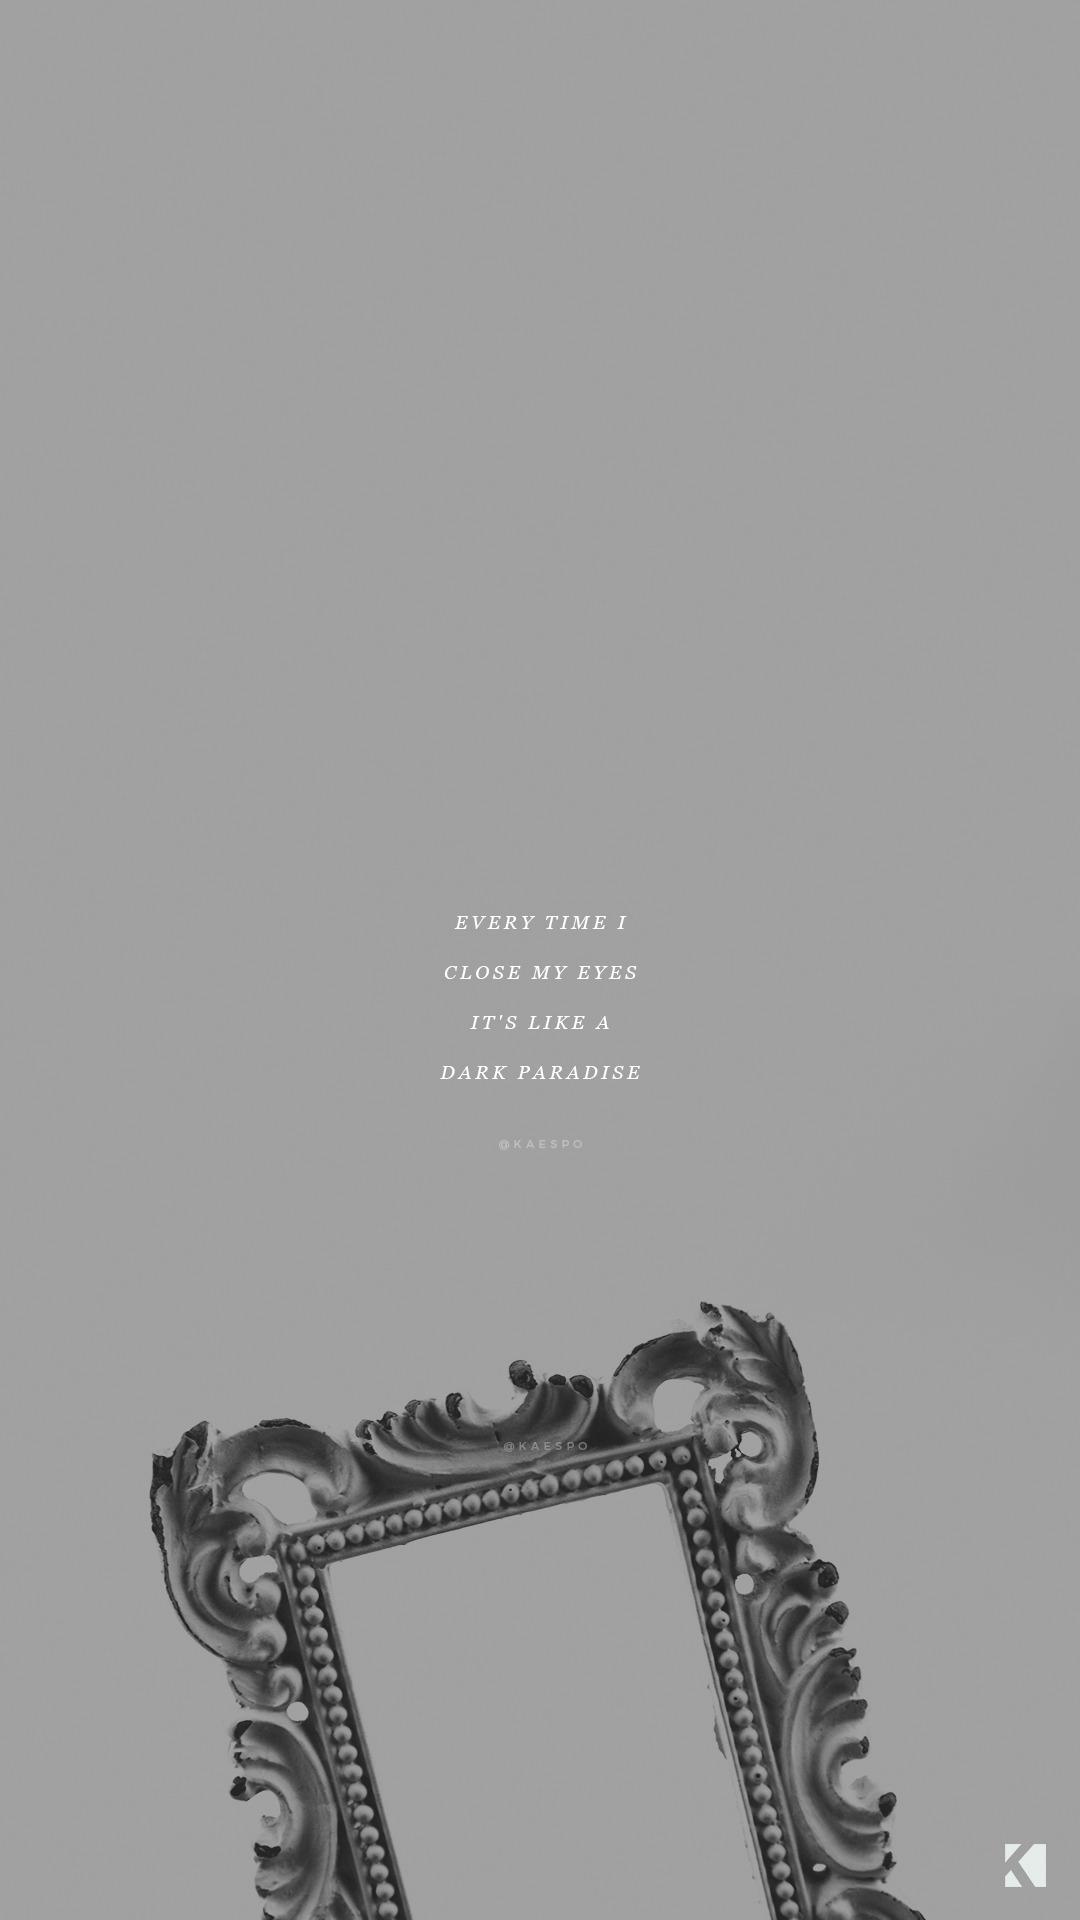 Iphone wallpaper tumblr lana - Lana Del Rey Lana Del Rey Lyrics Lana Del Rey Born To Die Aesthetics Lyrics Edit